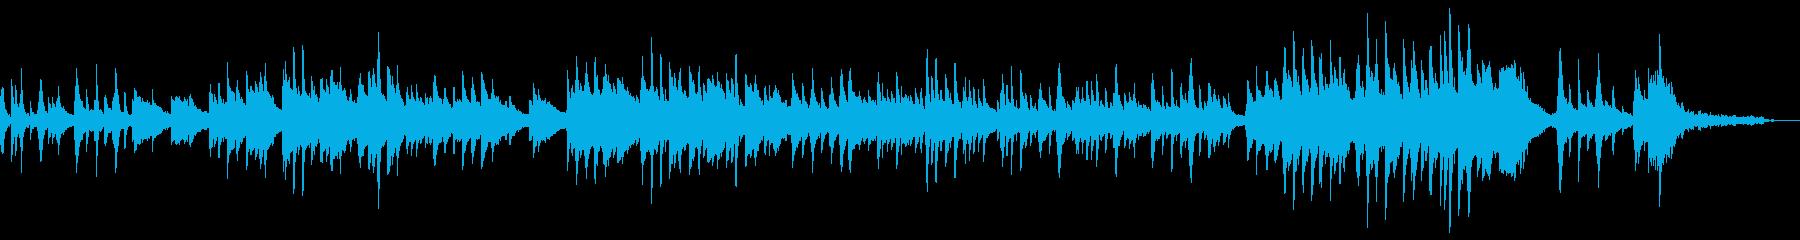 癒しのピアノ〜たなばたさま〜の再生済みの波形